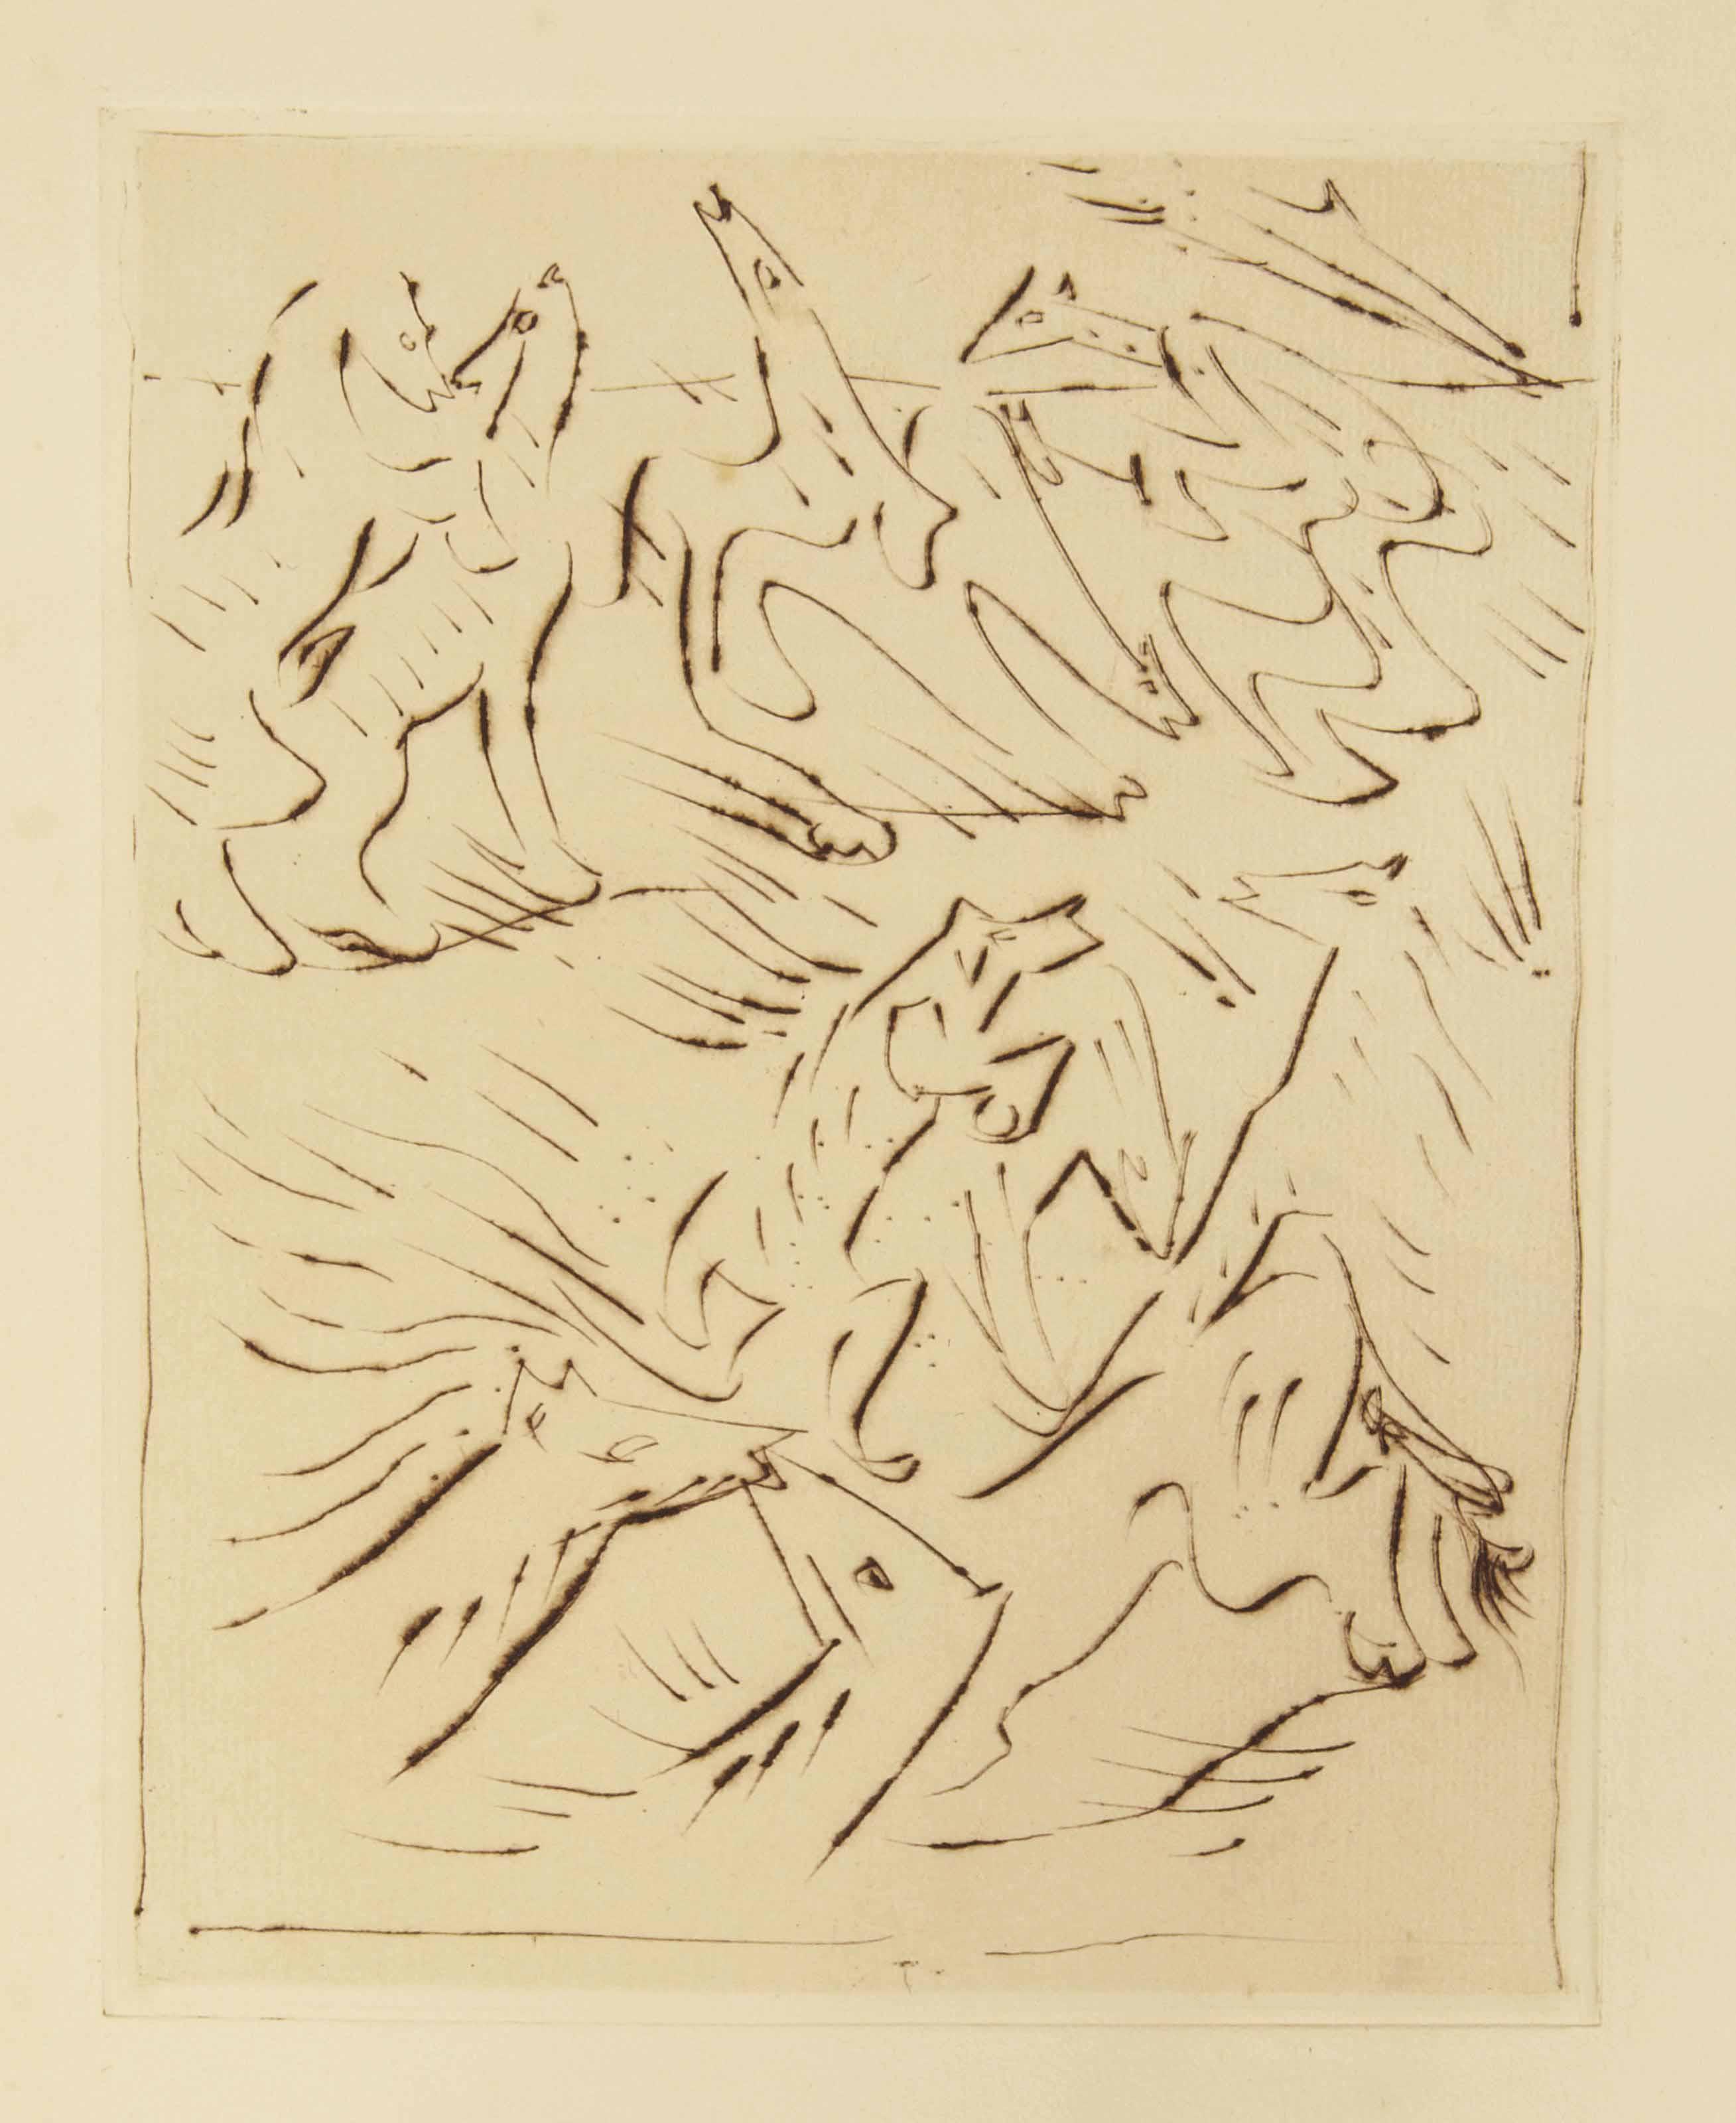 [CURIOSA] -- [MASSON] -- BATAILLE, Georges (1897-1962). L'Anus solaire. Illustré de pointes sèches par André Masson. Paris: éditions de la galerie Simon [Henry Kahnweiler], 1931.